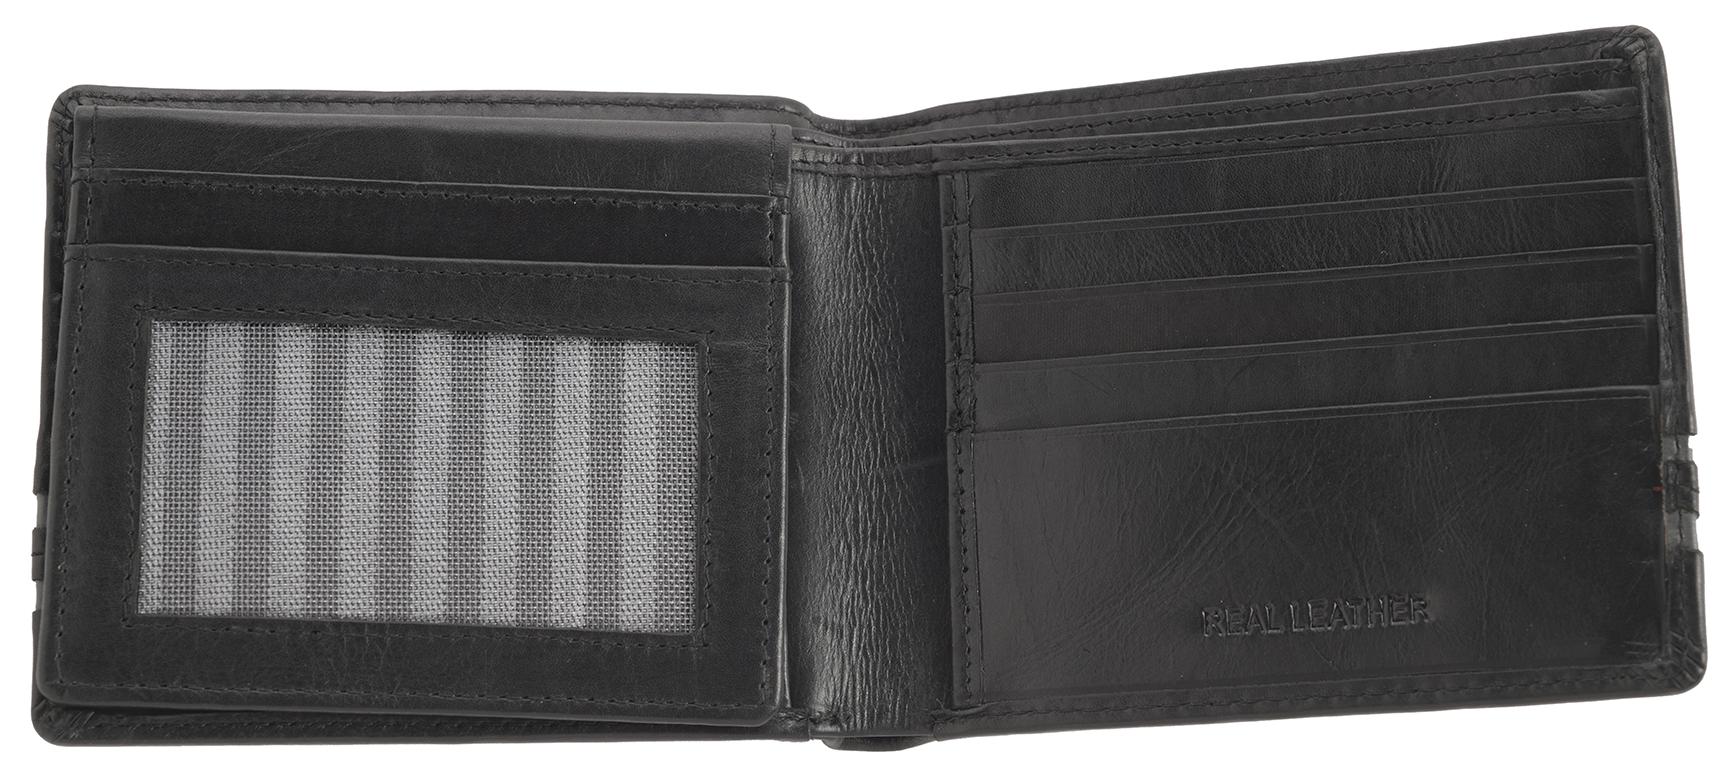 Mens Gents Genuine Leather Super Soft RFID Blocking Safe Flip Up Wallet Purse